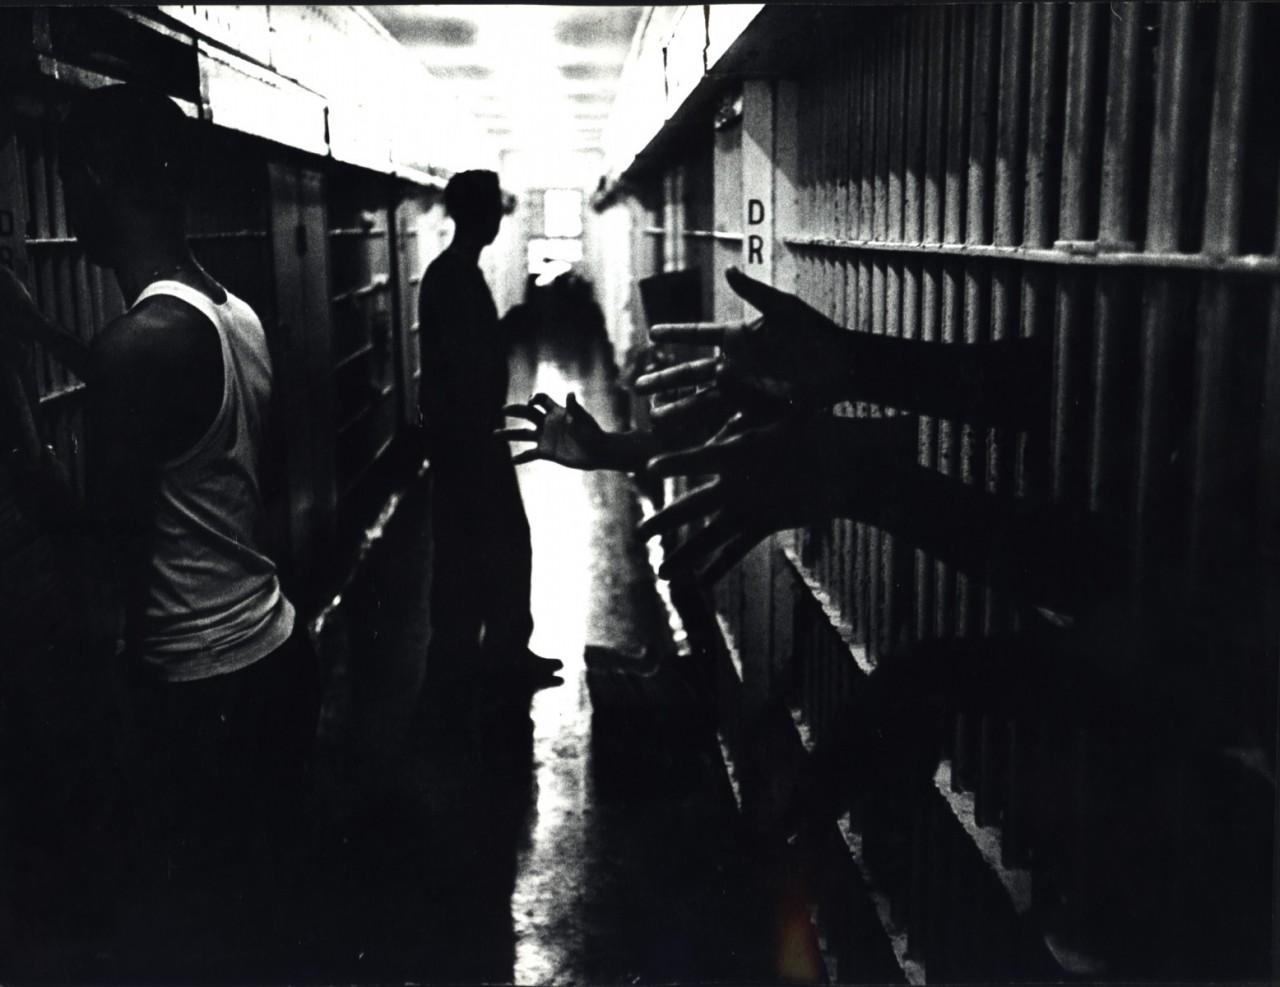 Заключенные протягивают руки из своих камер, Новый Орлеан, Лос-Анджелес, 1965. Фотограф Леонард Фрид